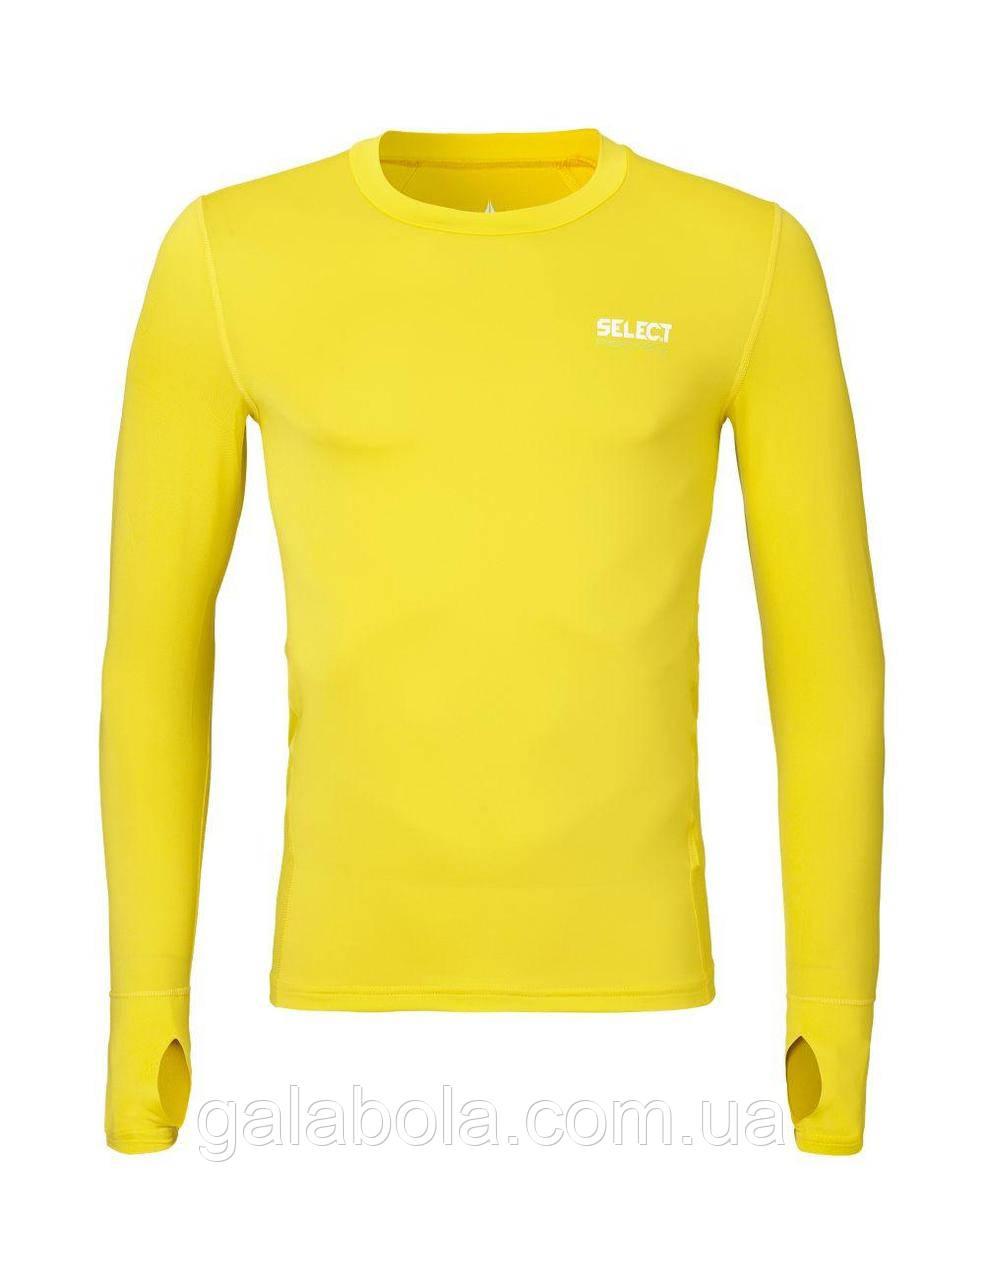 Термофутболка с длинными рукавами SELECT (желтая)